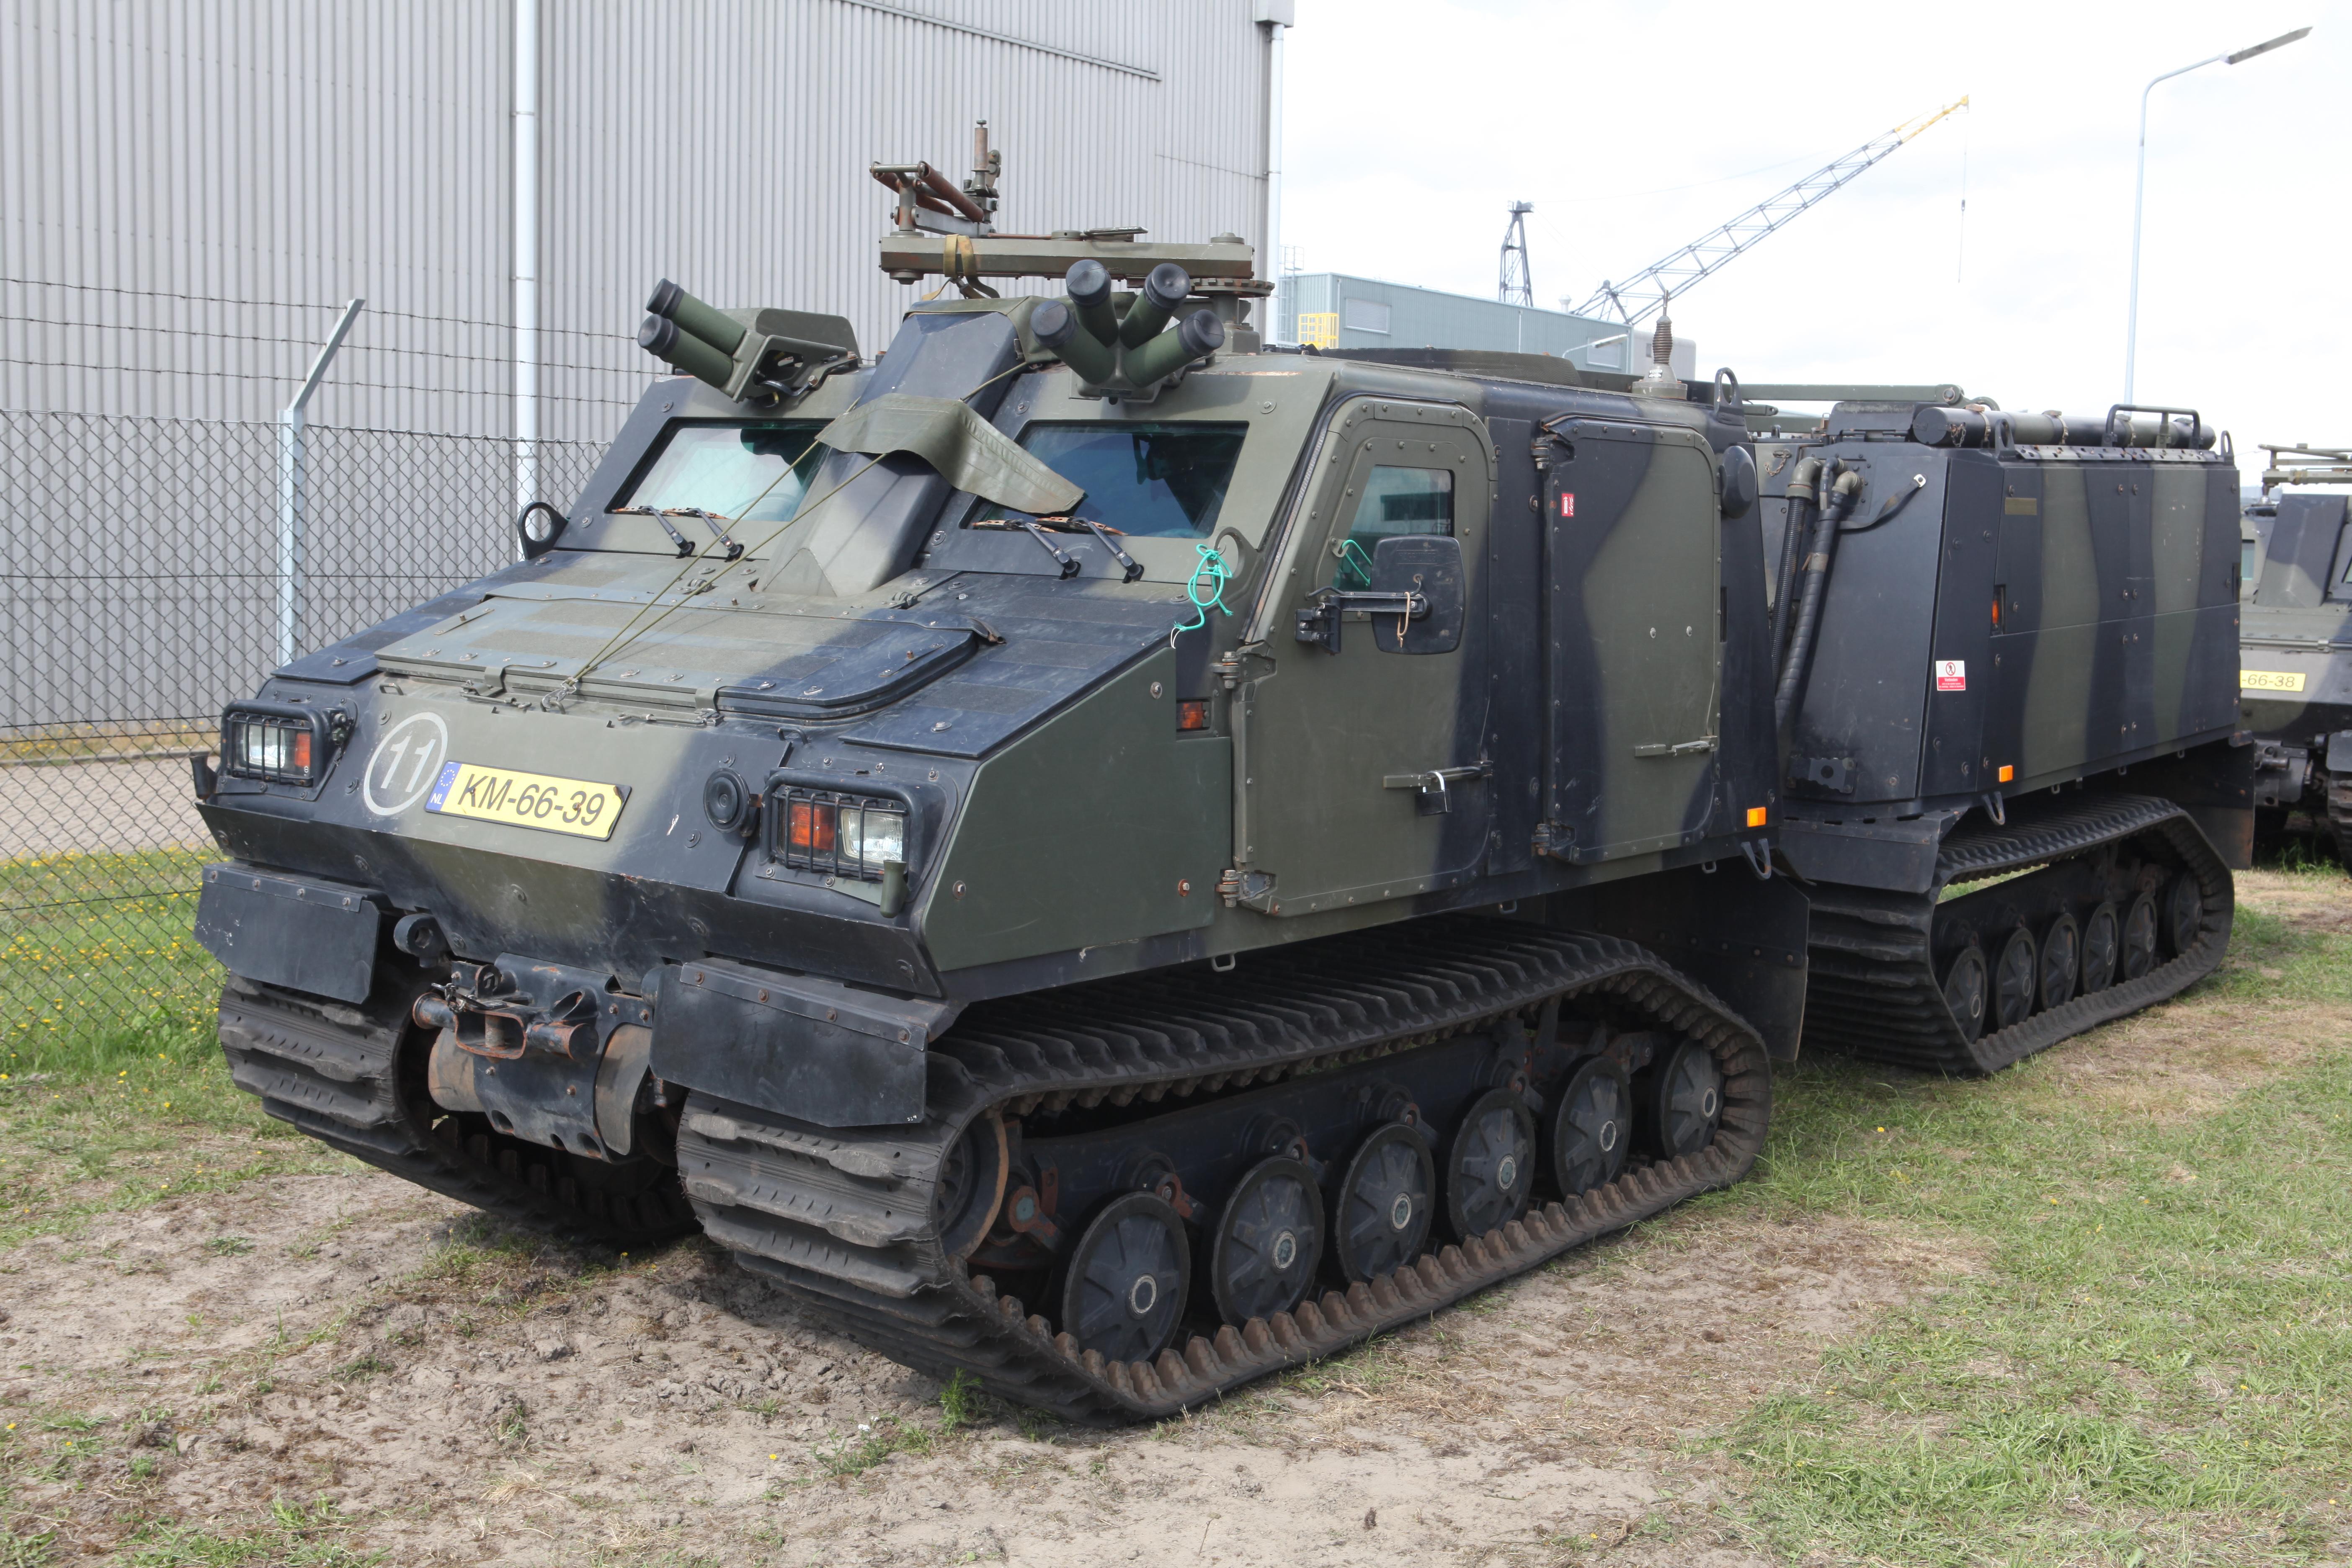 File:Bandvagn Bv206S Netherlands Marine Corps.jpg ...